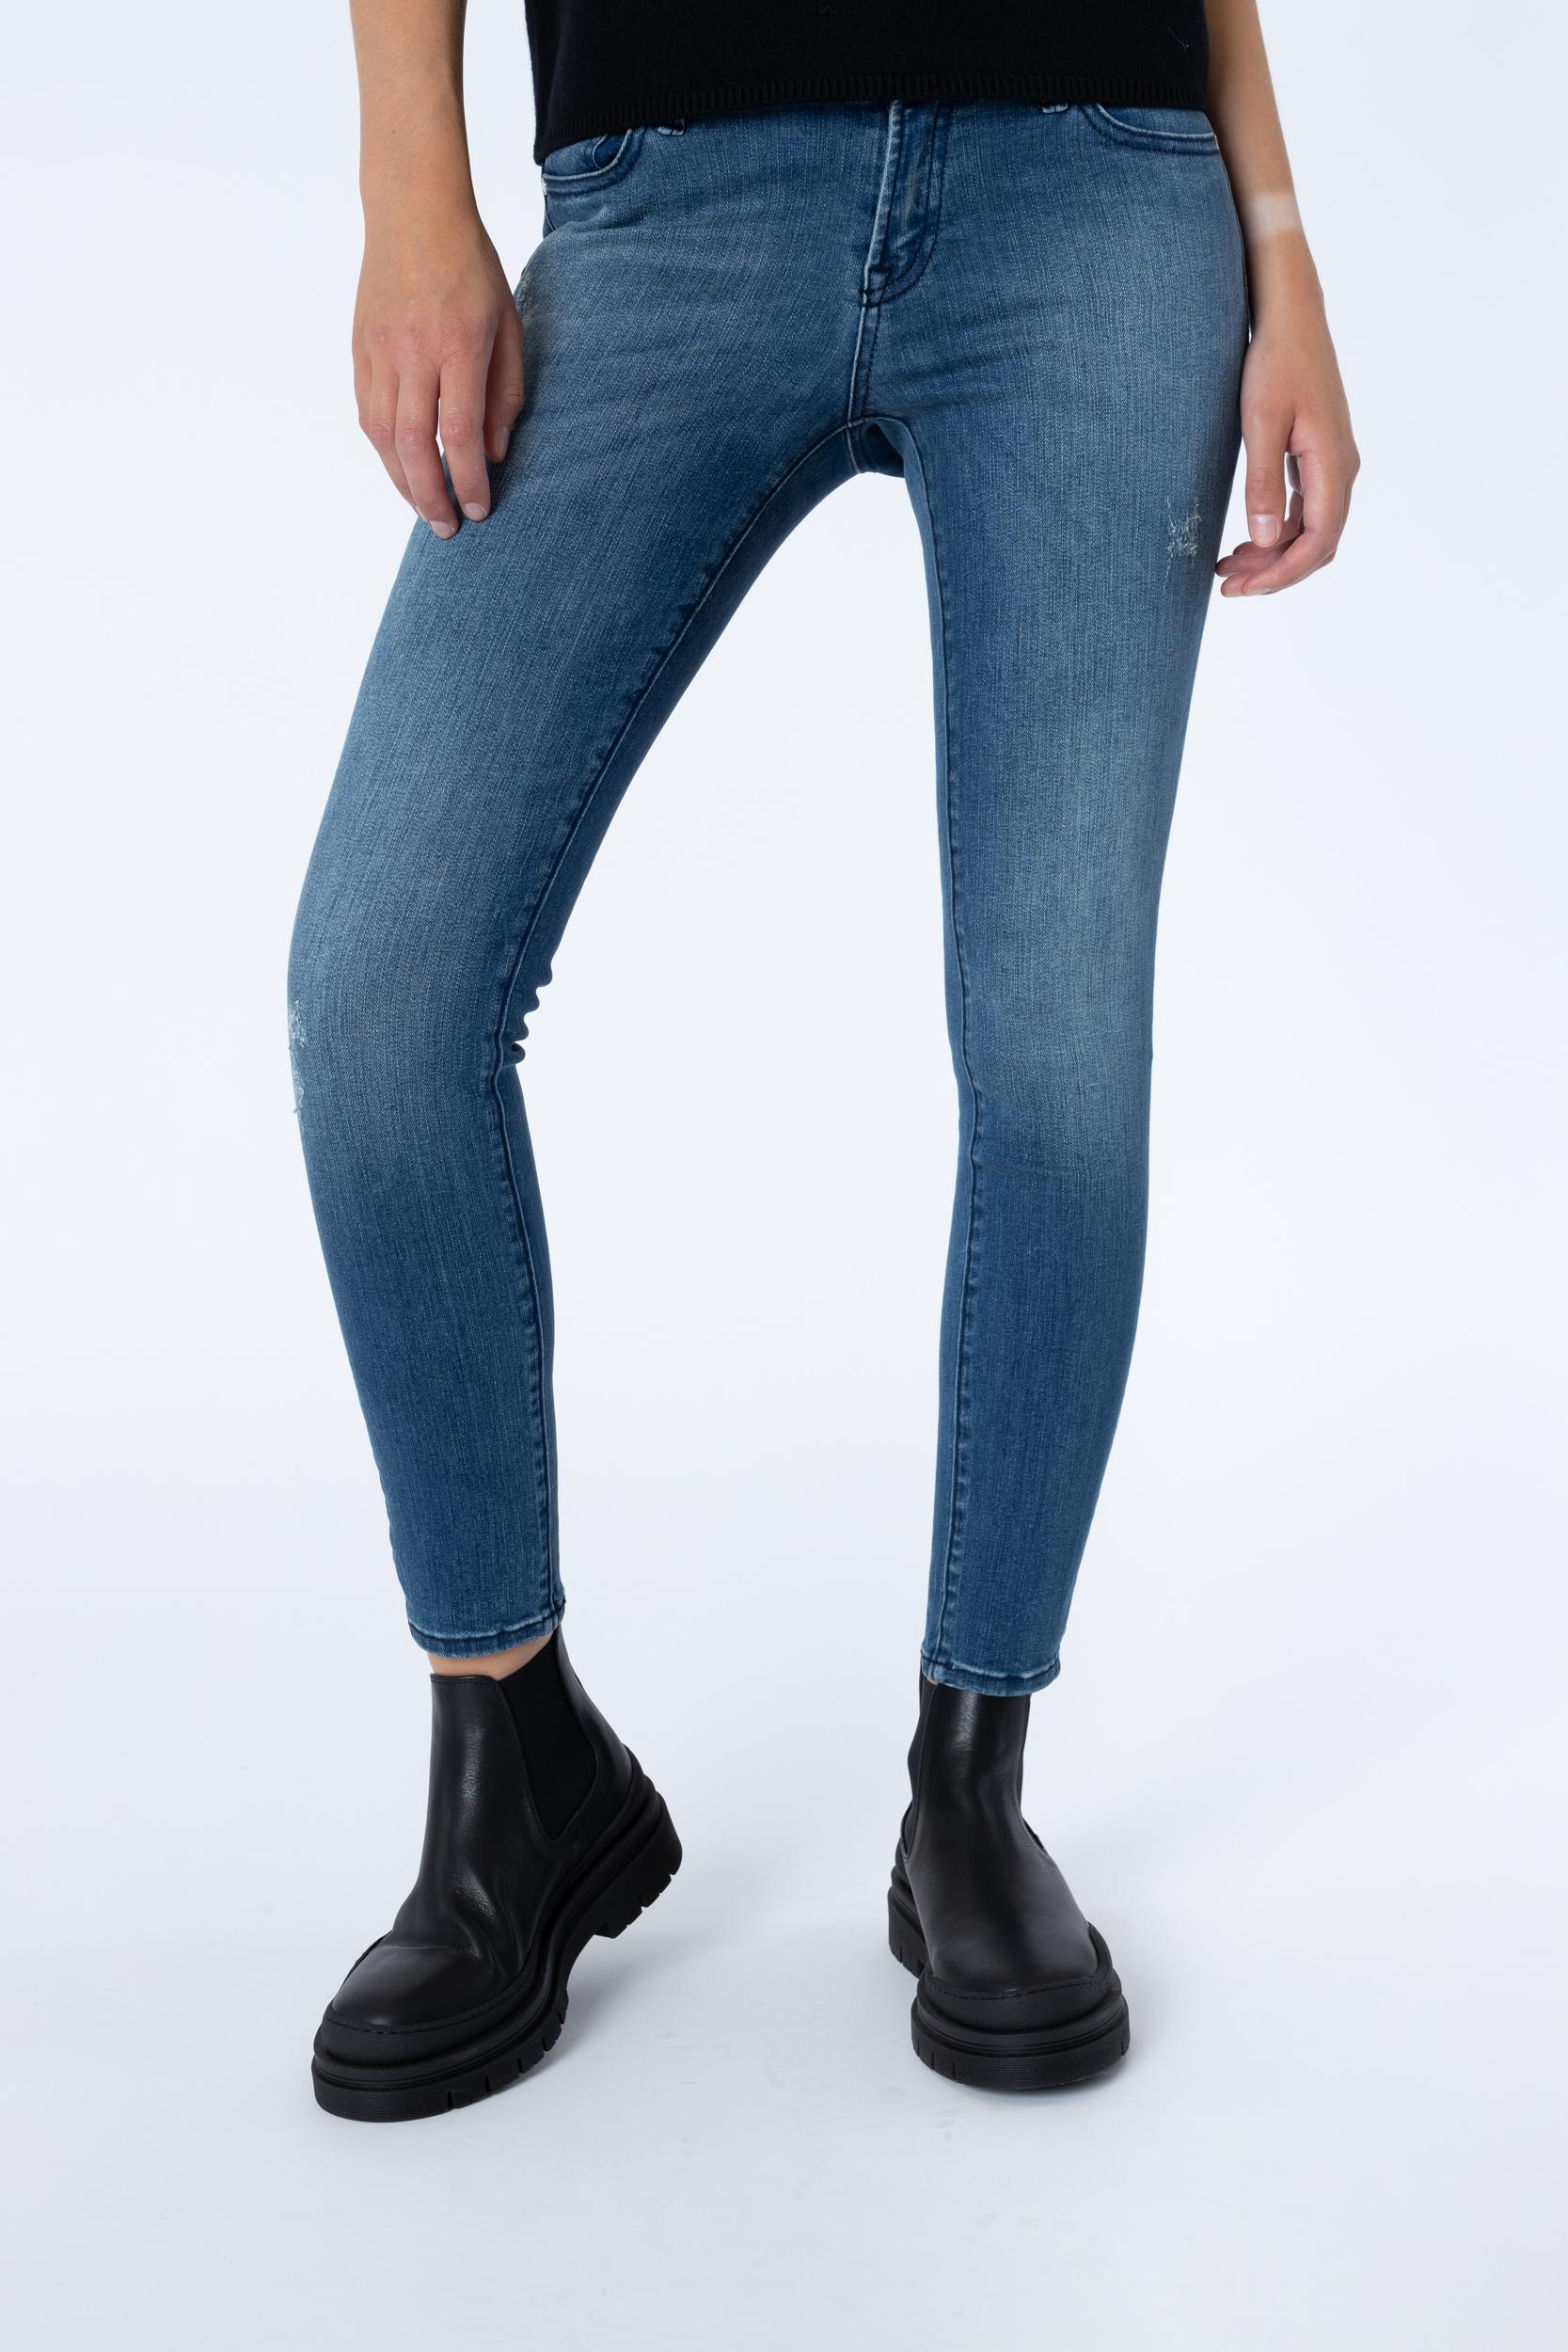 Jeans Spray BLFMIV